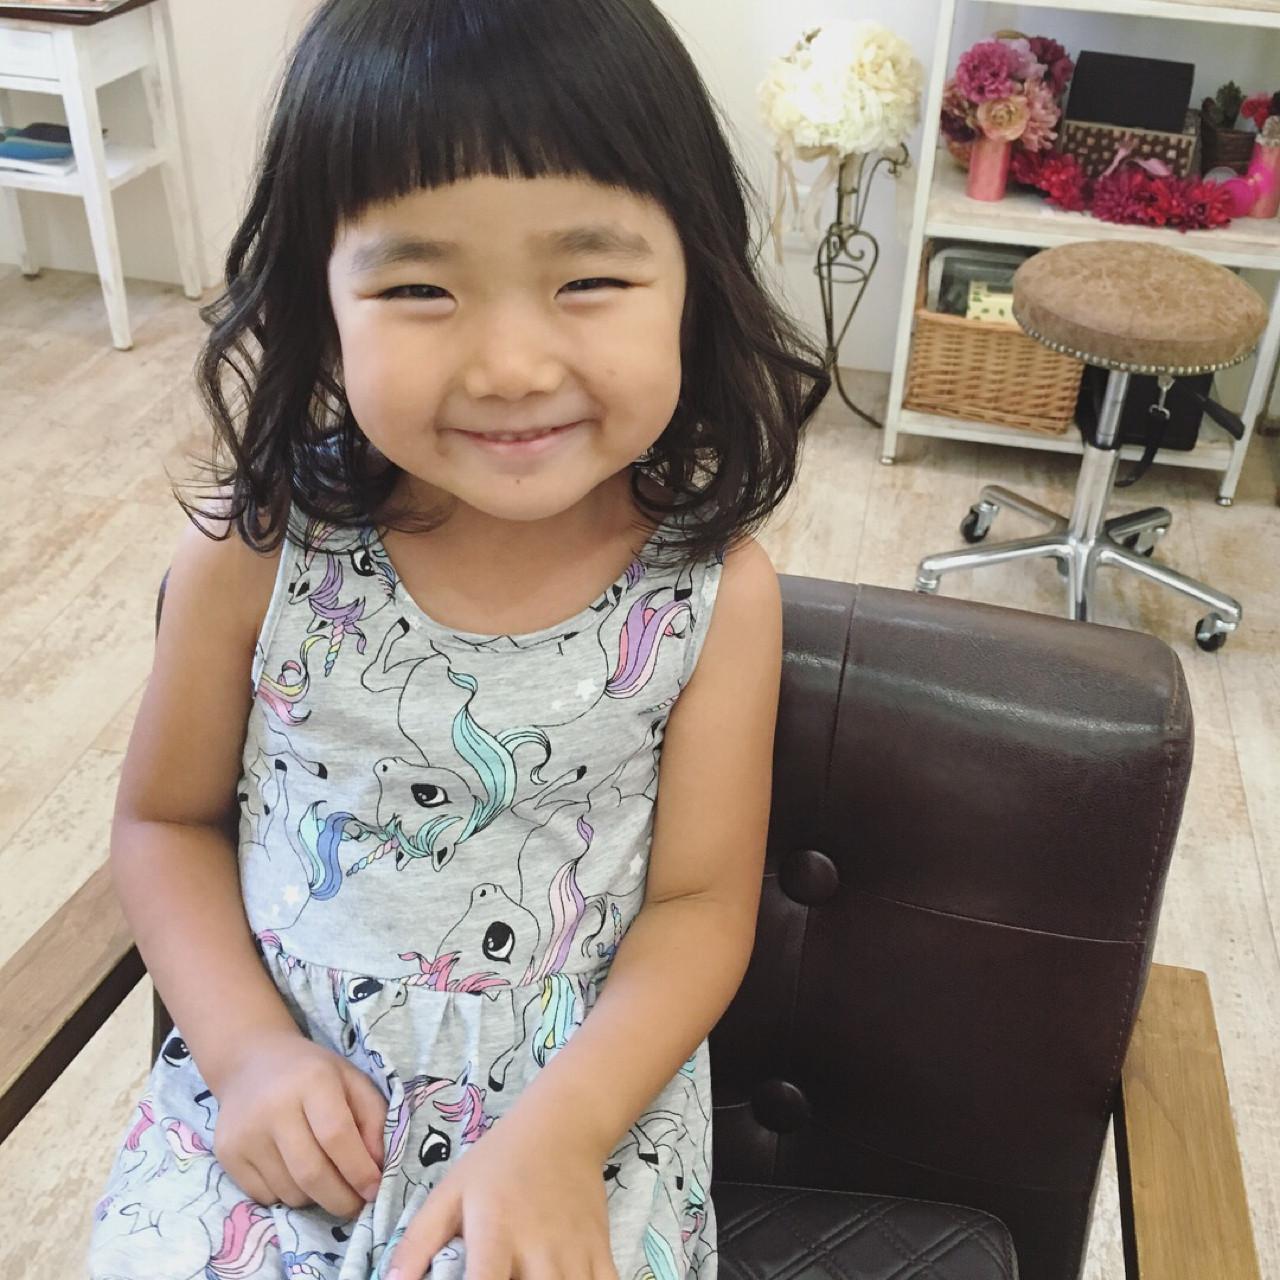 ミディアム 前髪パッツン 子供 ナチュラル ヘアスタイルや髪型の写真・画像